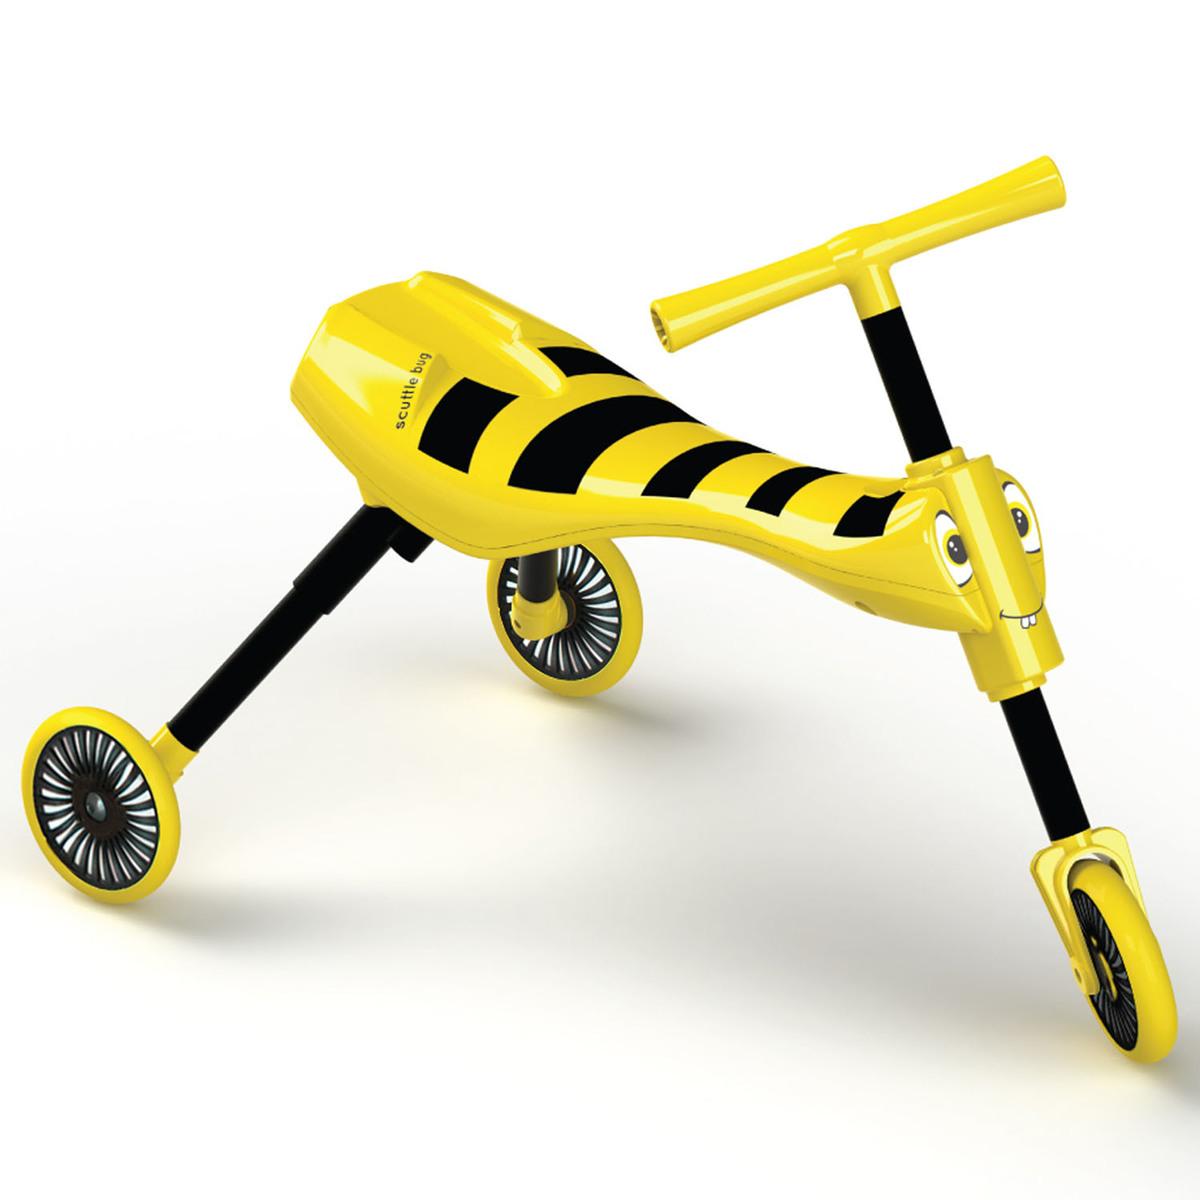 昆蟲系列三輪車(黃色)